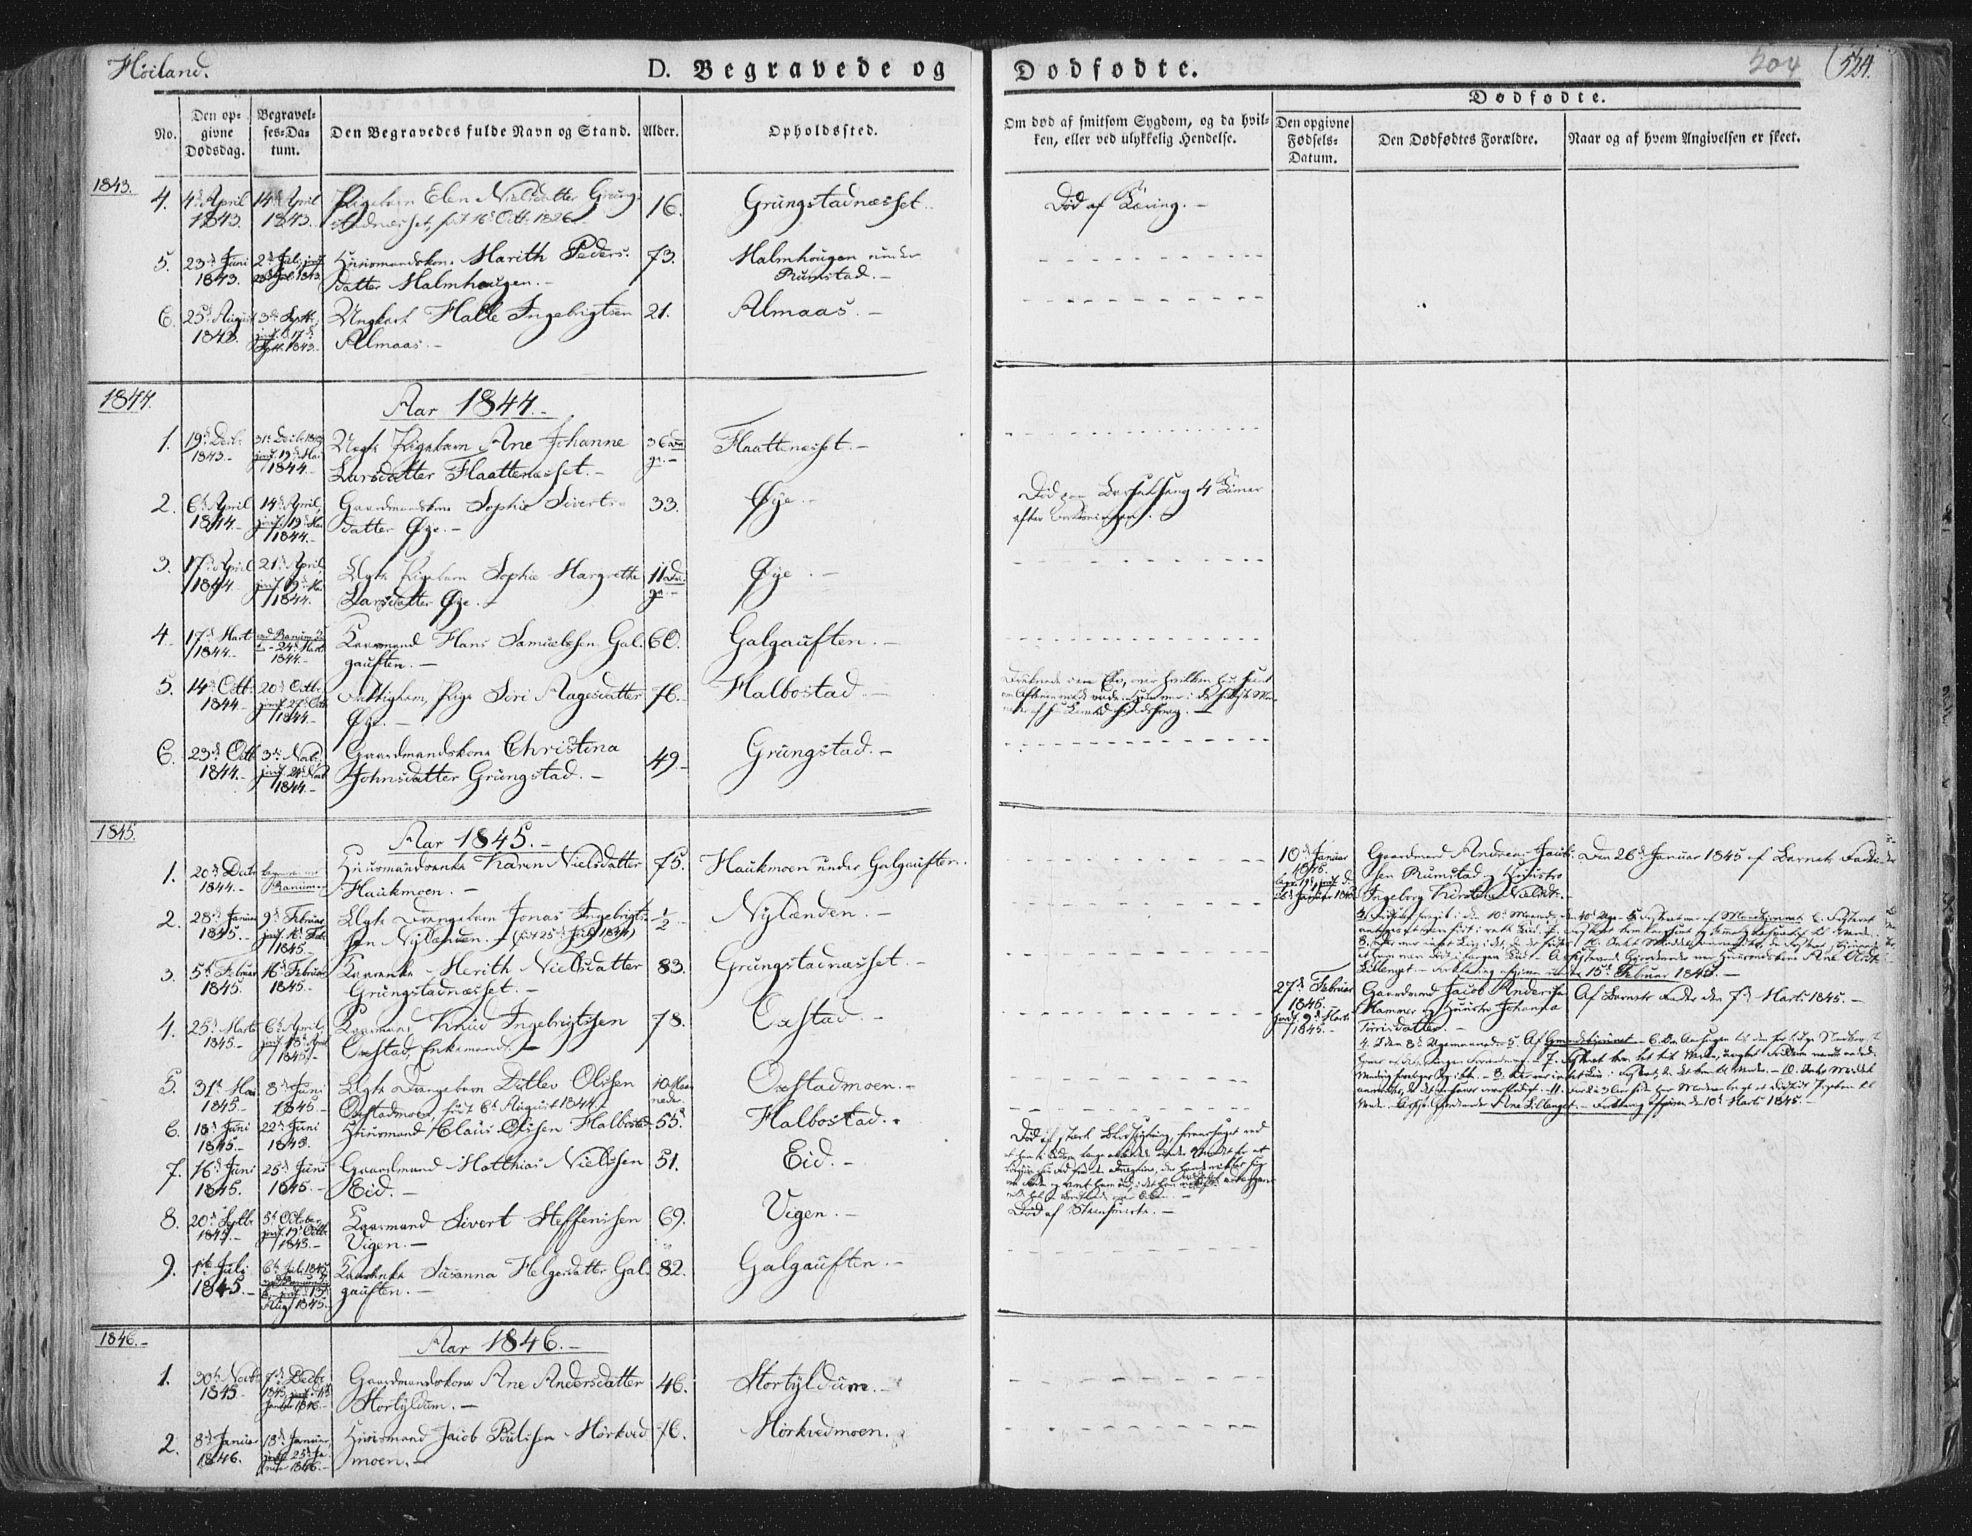 SAT, Ministerialprotokoller, klokkerbøker og fødselsregistre - Nord-Trøndelag, 758/L0513: Ministerialbok nr. 758A02 /2, 1839-1868, s. 204